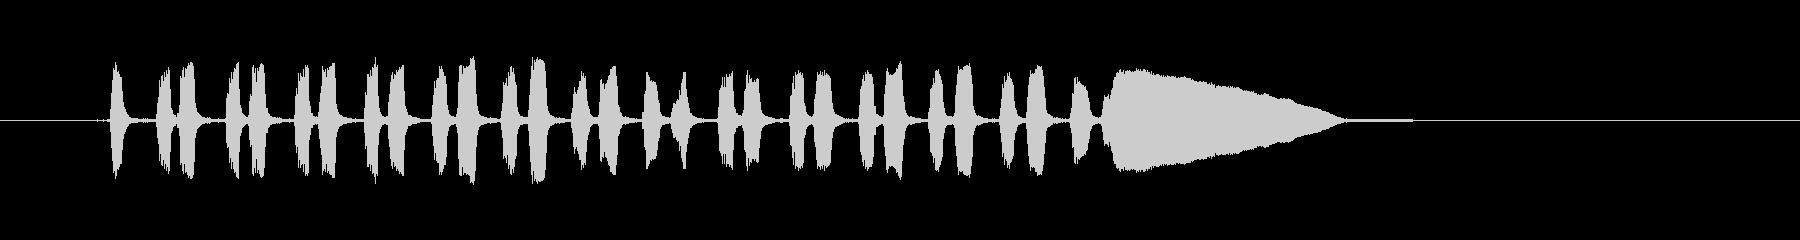 ビューグルチャージ-ミリタリー、ビ...の未再生の波形